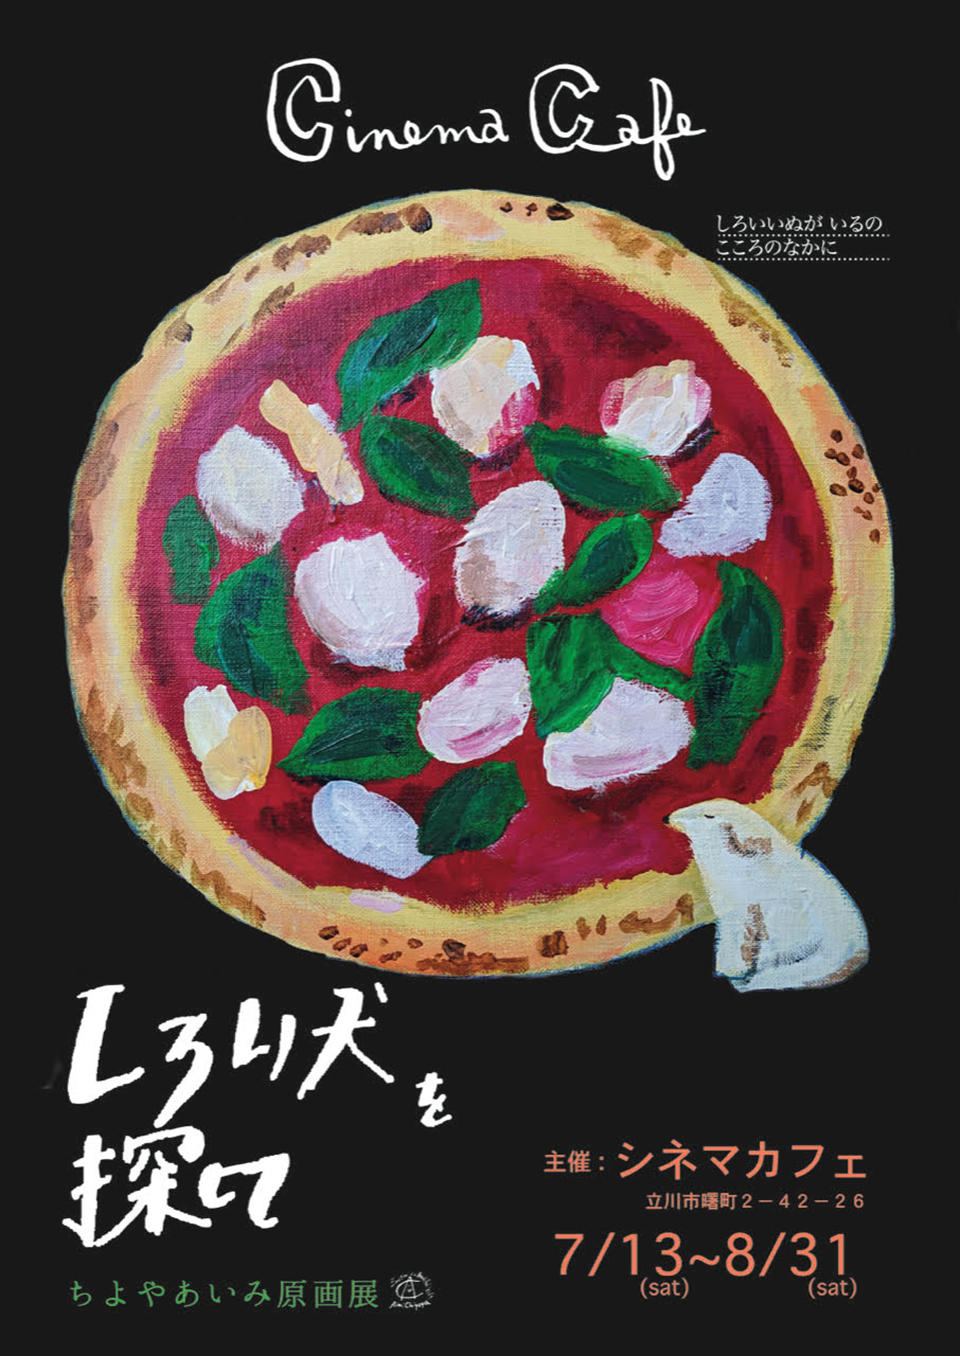 7/13(土)-8/31(土)シネマカフェにて立川出身イラストレーター「ちよやあいみ」原画展開催。プレゼントも。